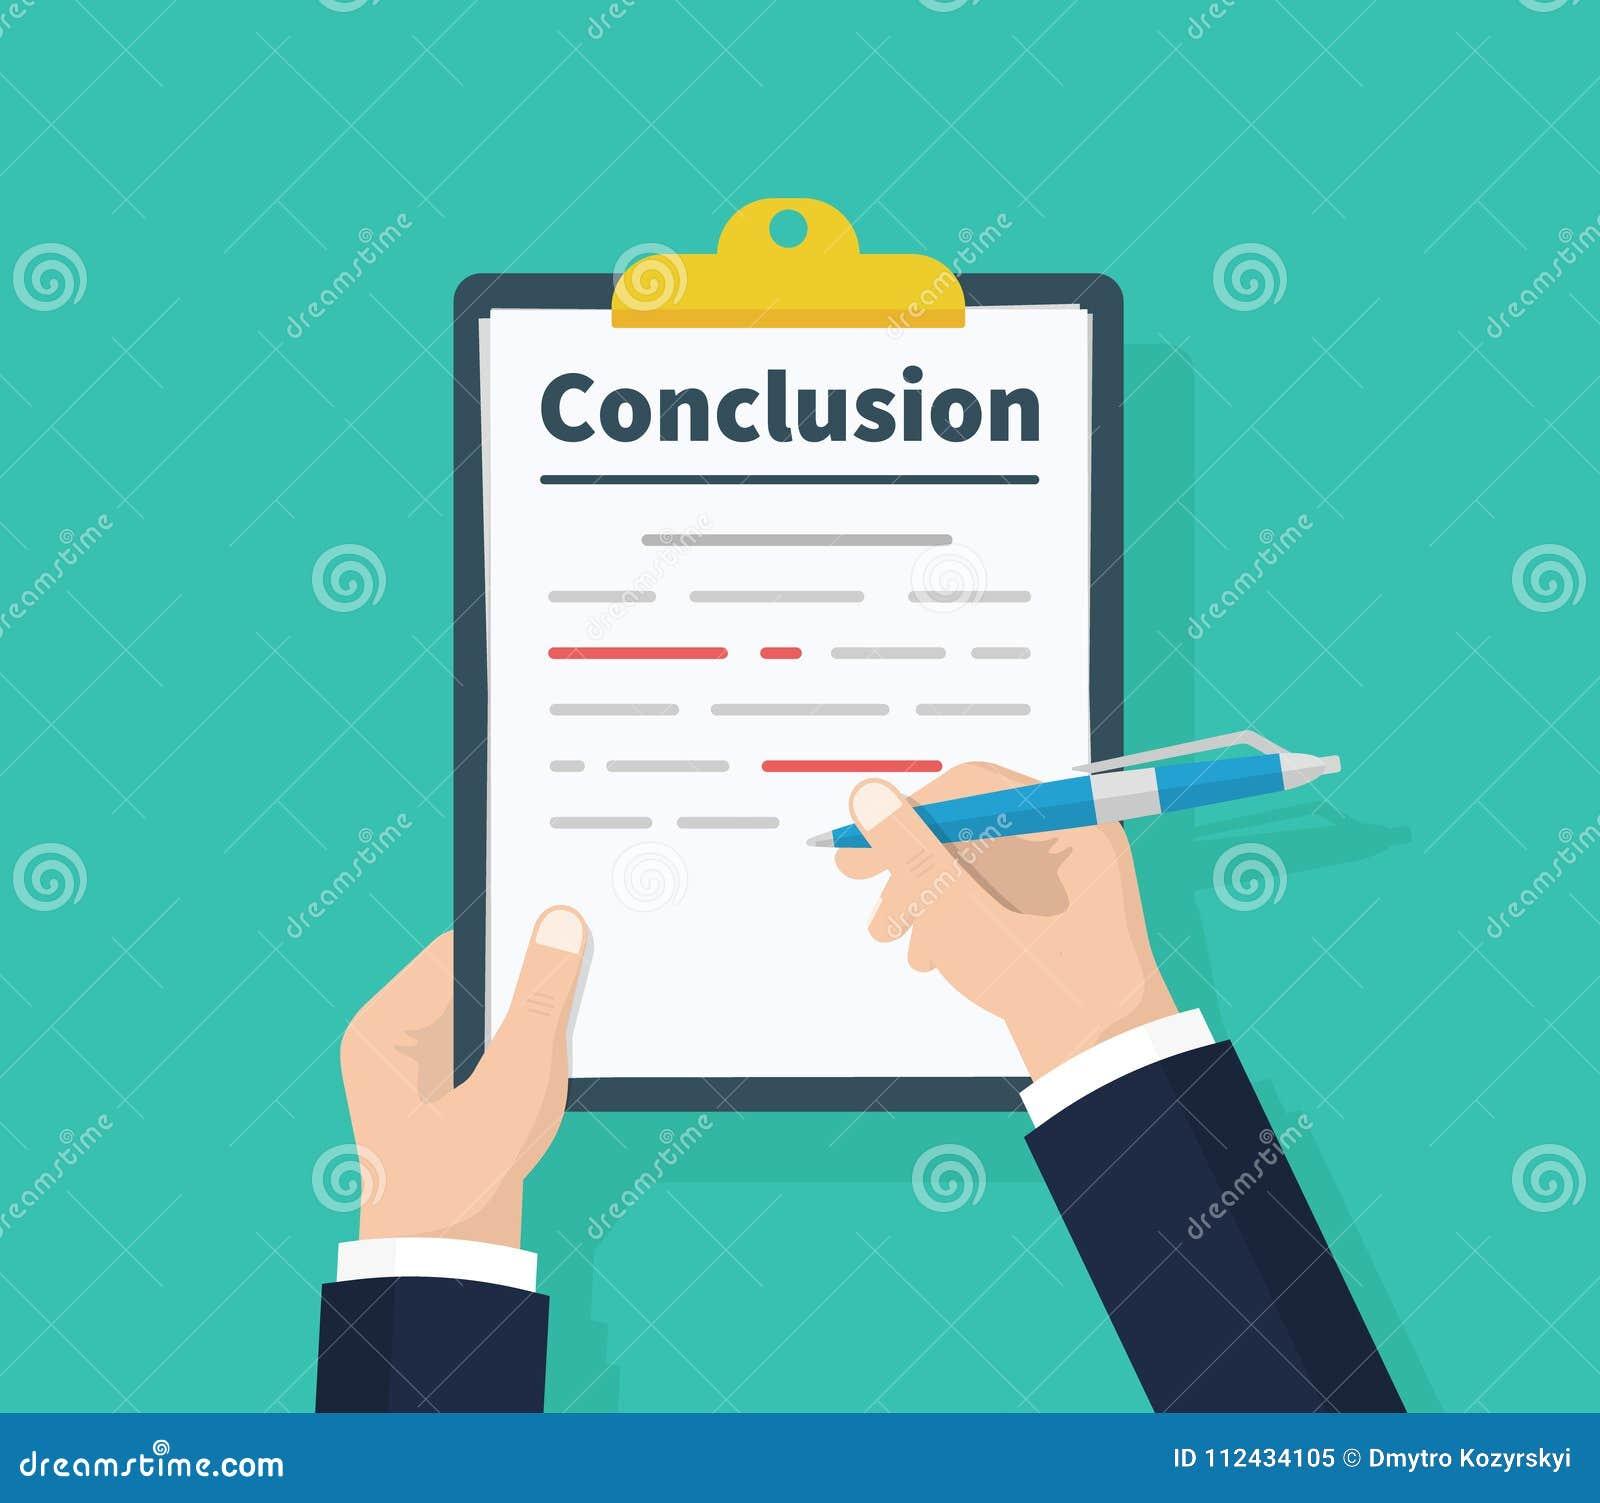 Mann Schreibt Schlussfolgerung Berichtskonzept Das Klemmbrett Und